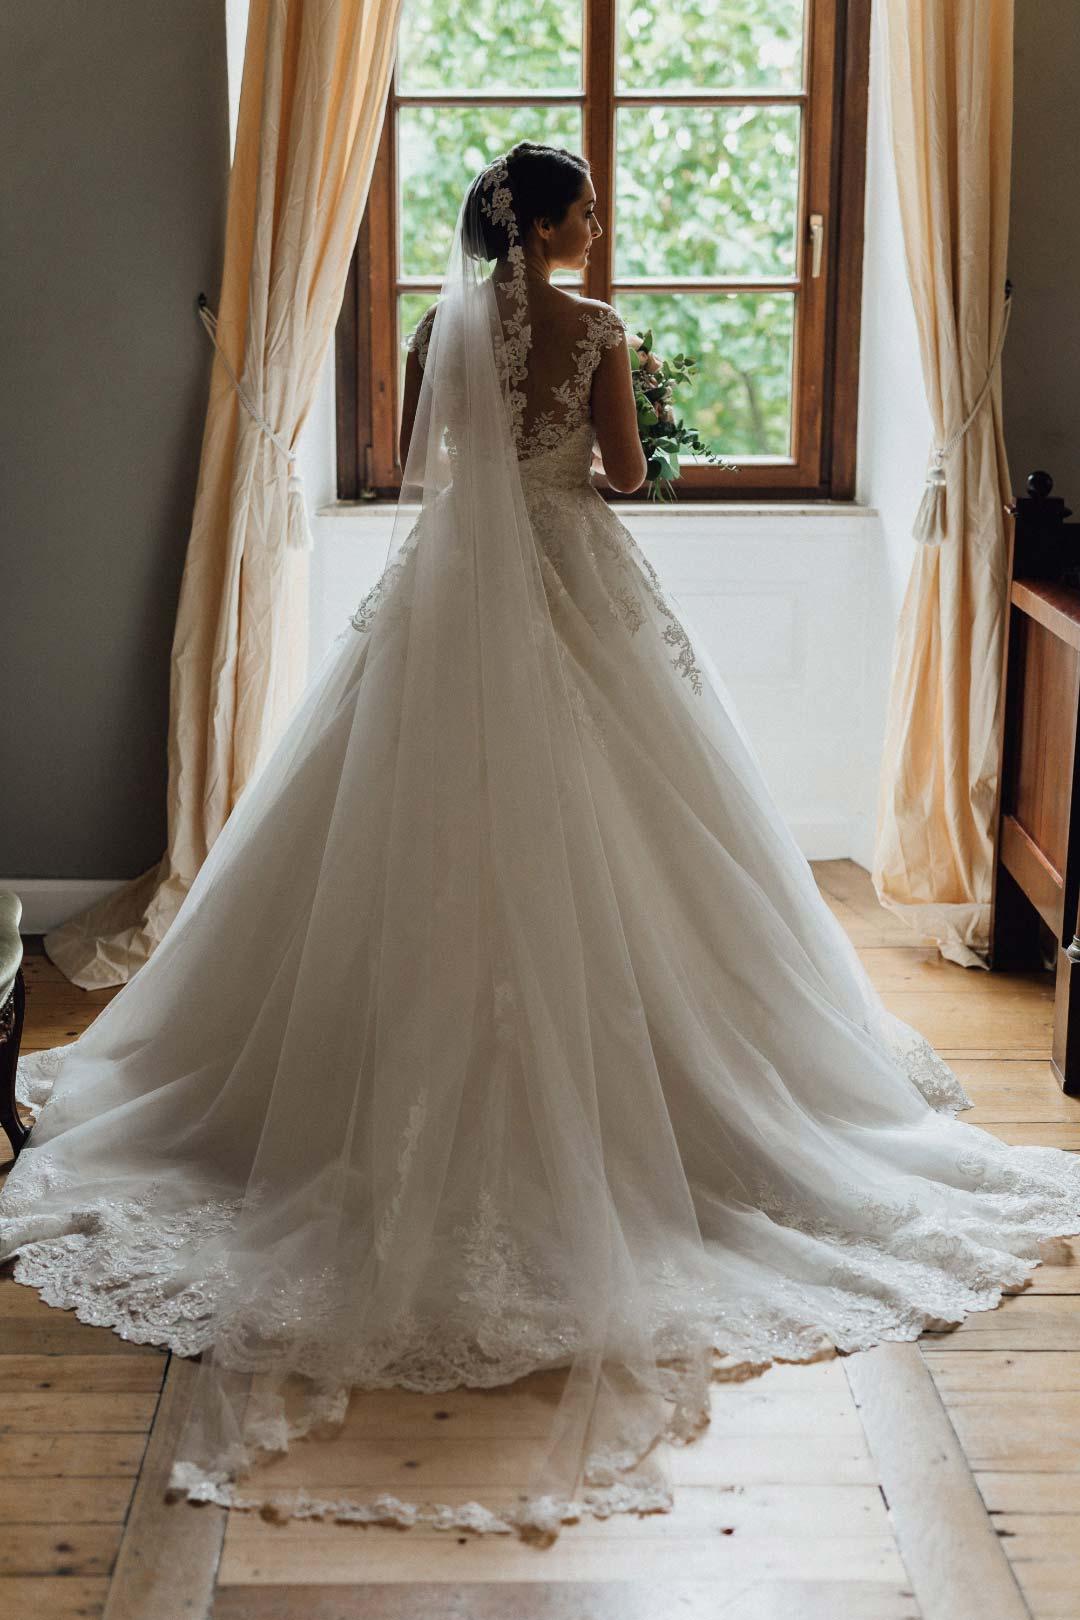 Das Brautkleid der Braut von hinten zusammen mit ihrem Schleier